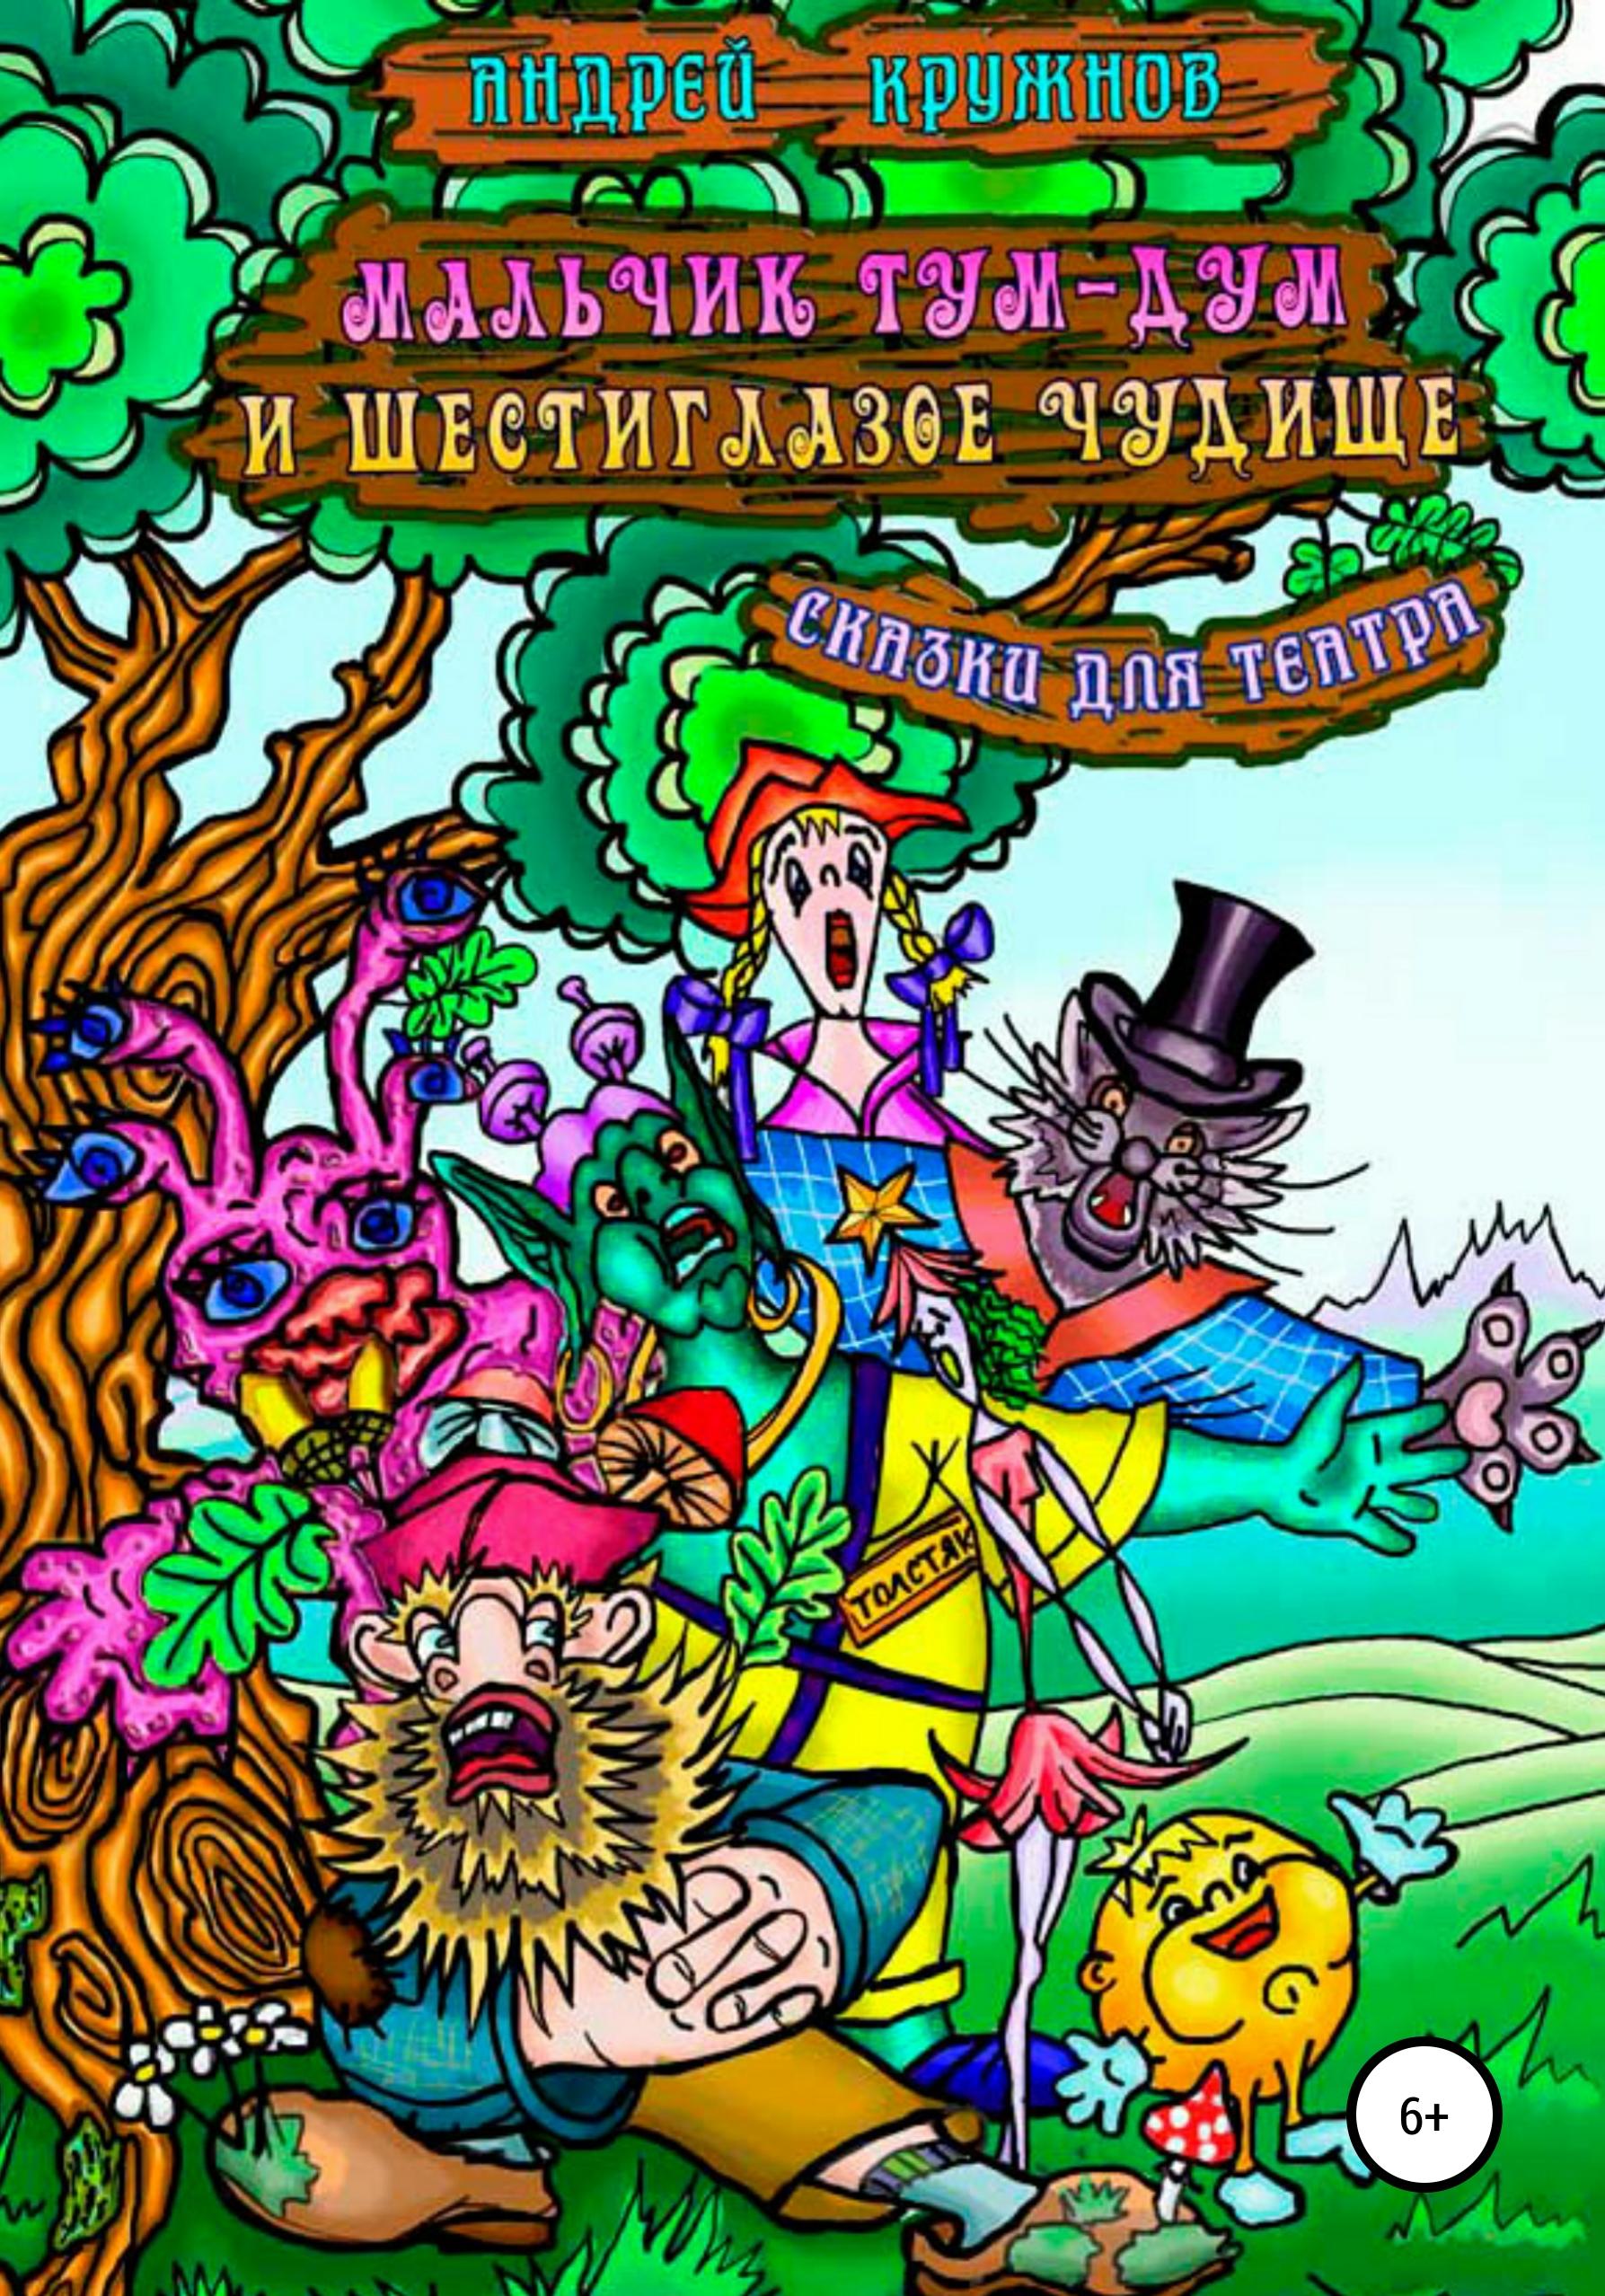 Андрей Эдуардович Кружнов Сказки для театра рой о второй этаж сказка раскраска